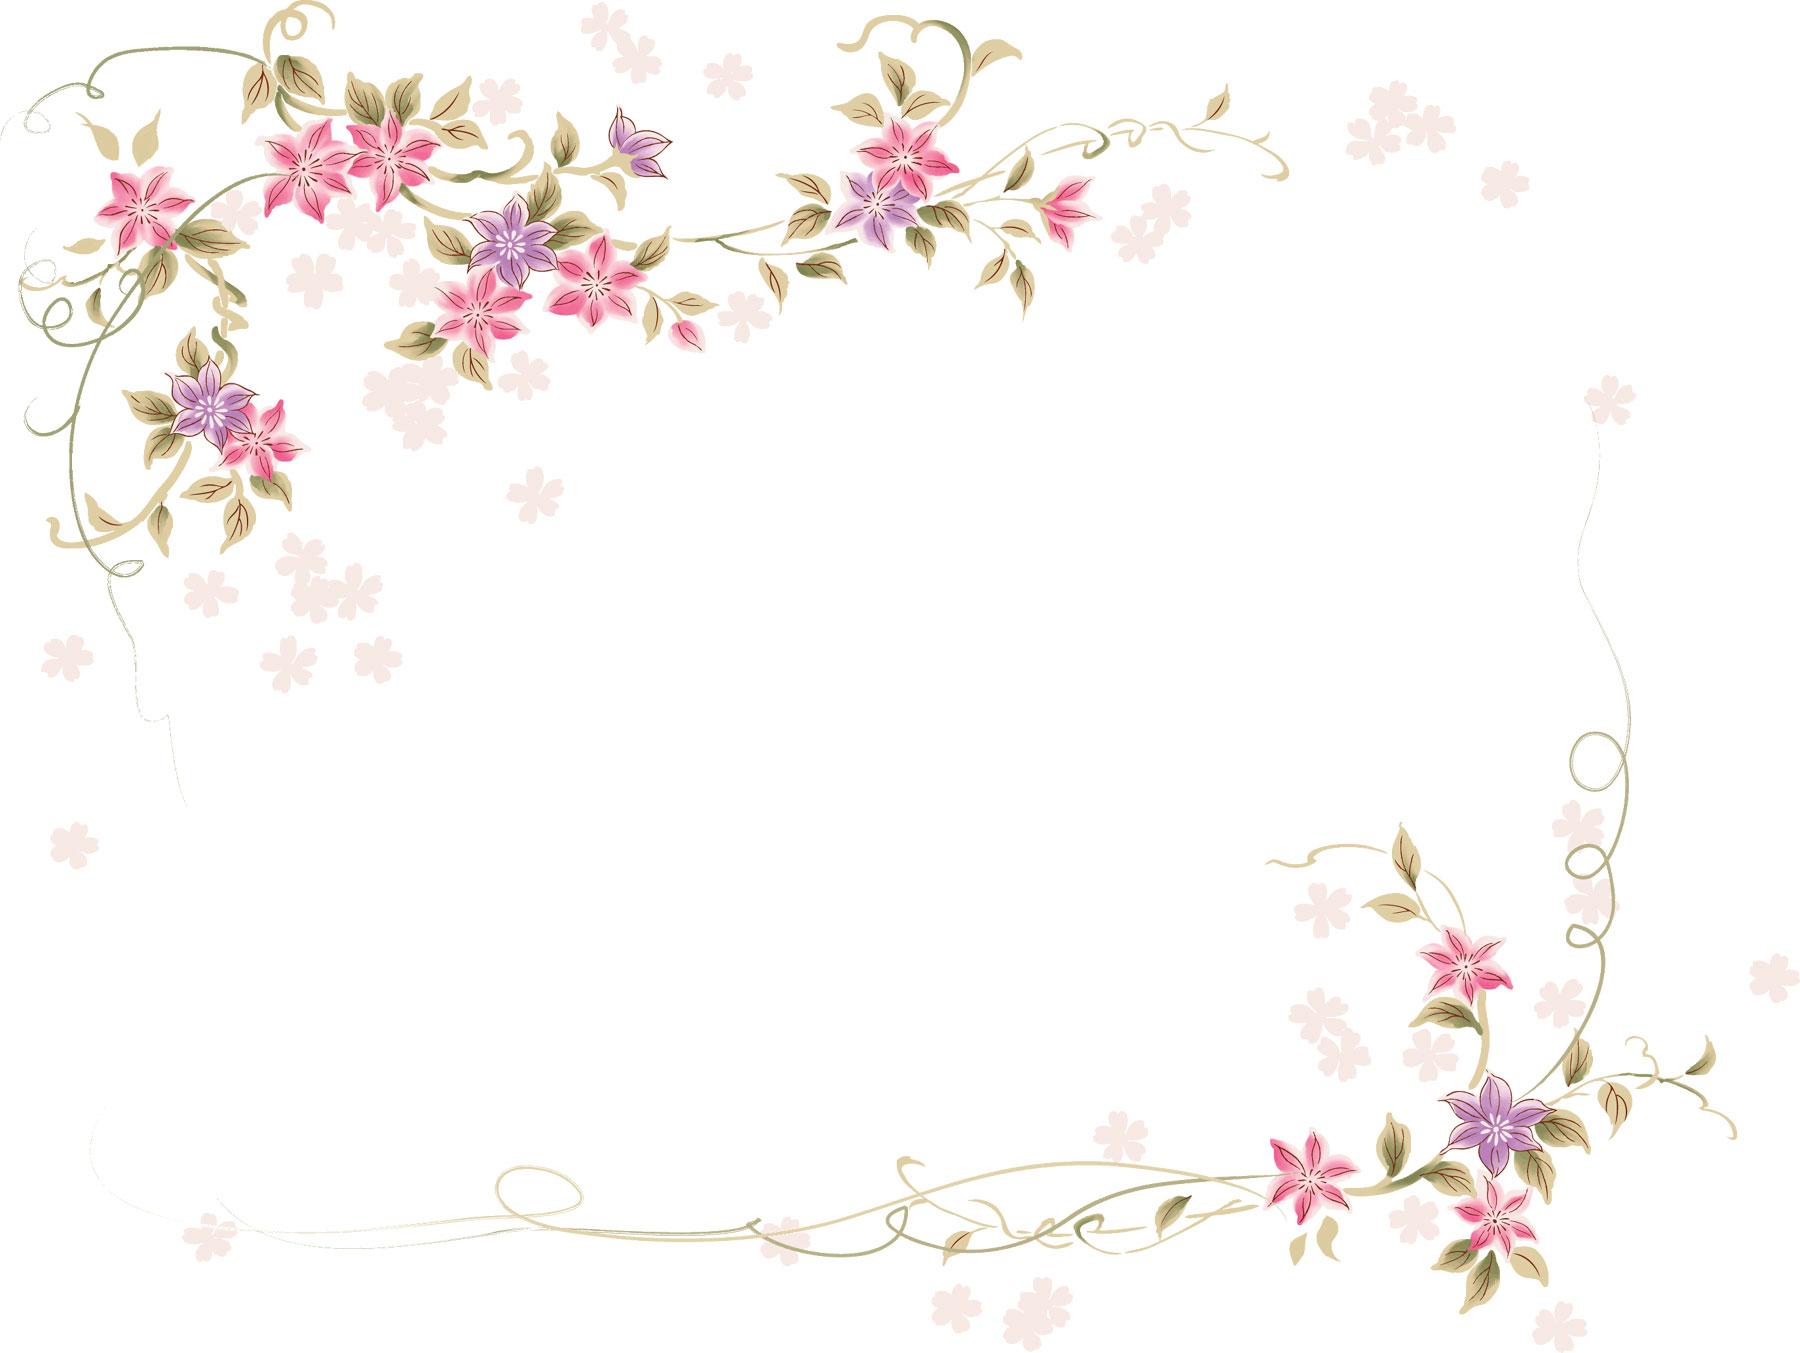 花のイラストフリー素材フレーム枠no450舞い散る花びら赤紫